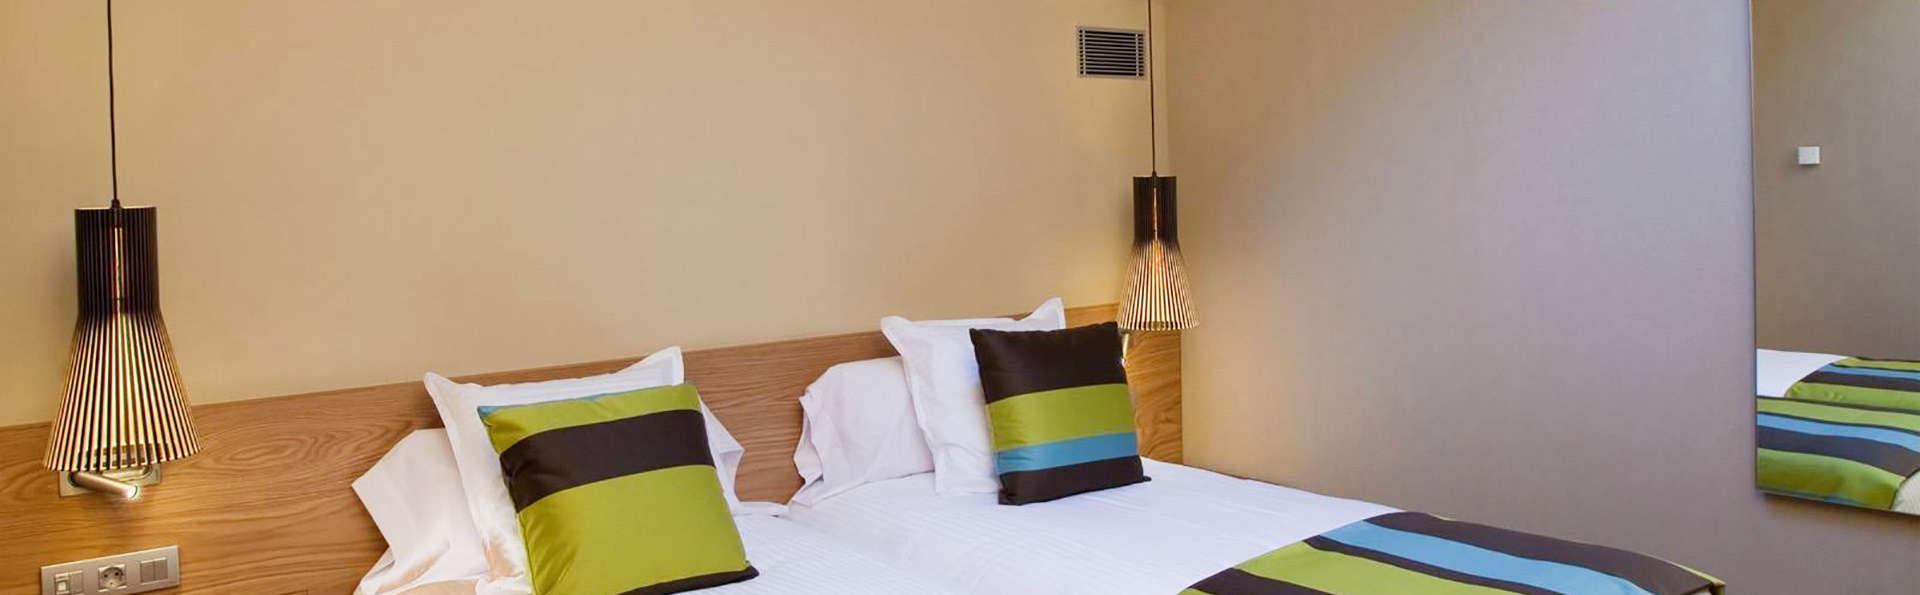 Découvrez la vallée de Núria dans un appartement entièrement équipé pour 4 personnes